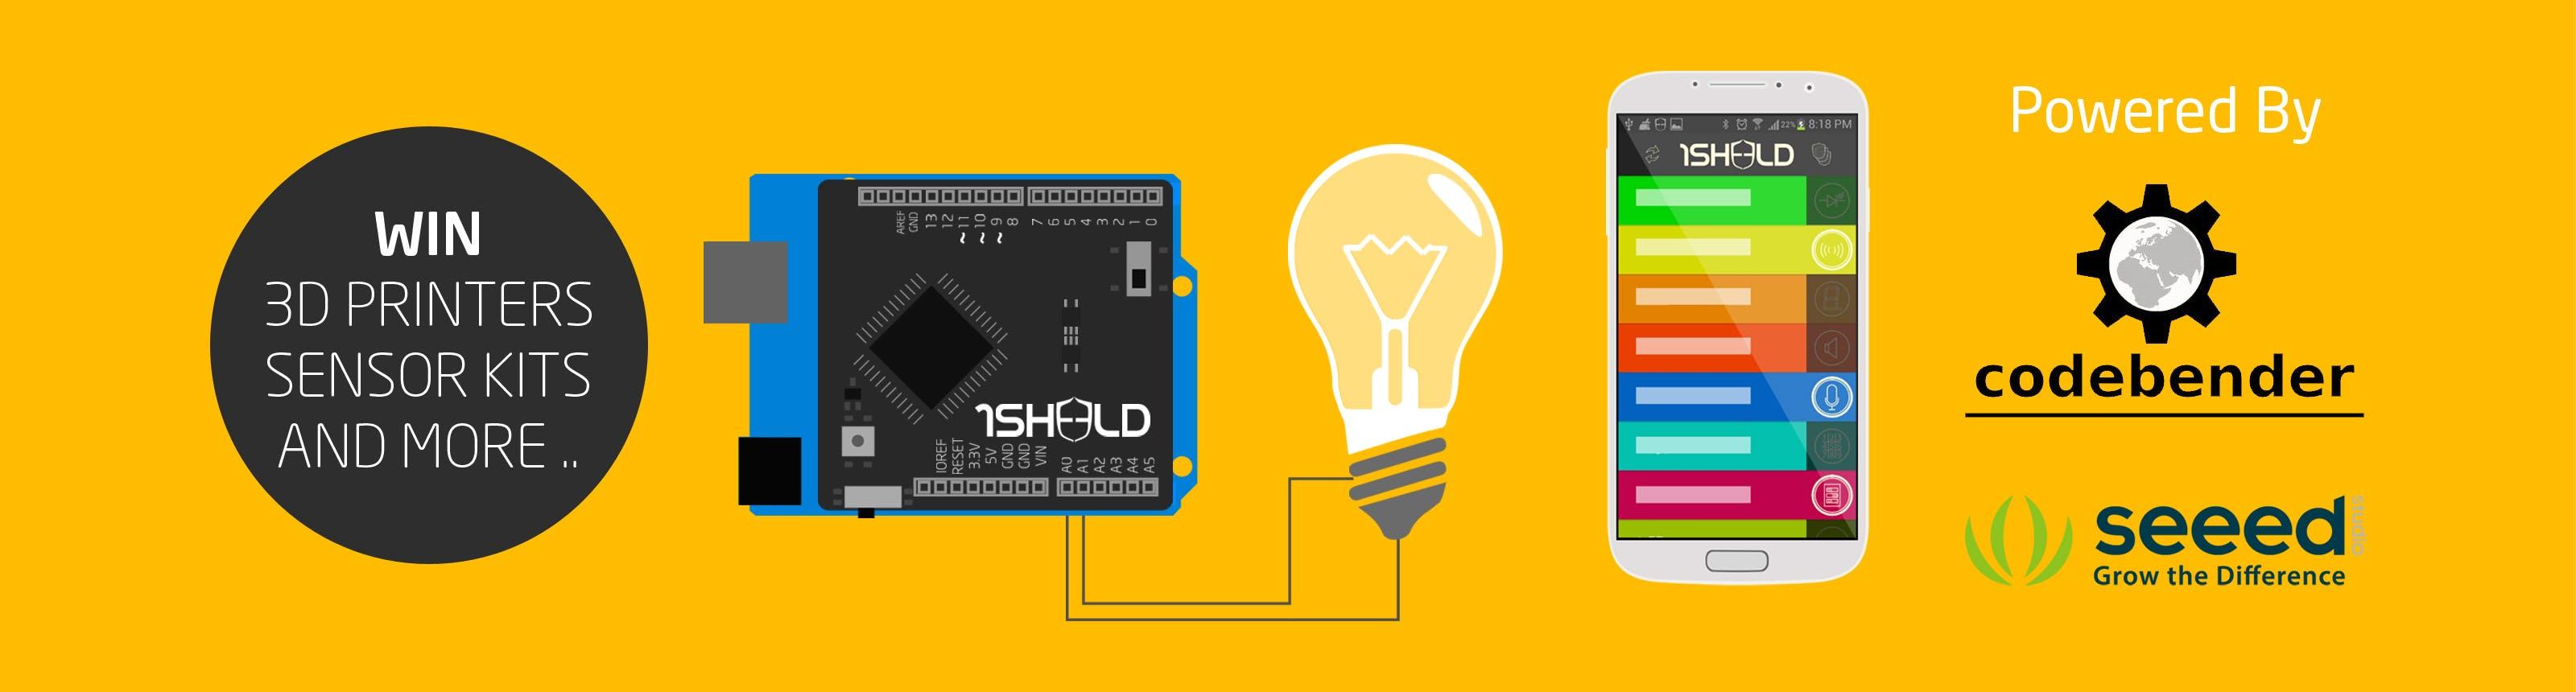 Arduino summer hacks%20 %20hackster%20version